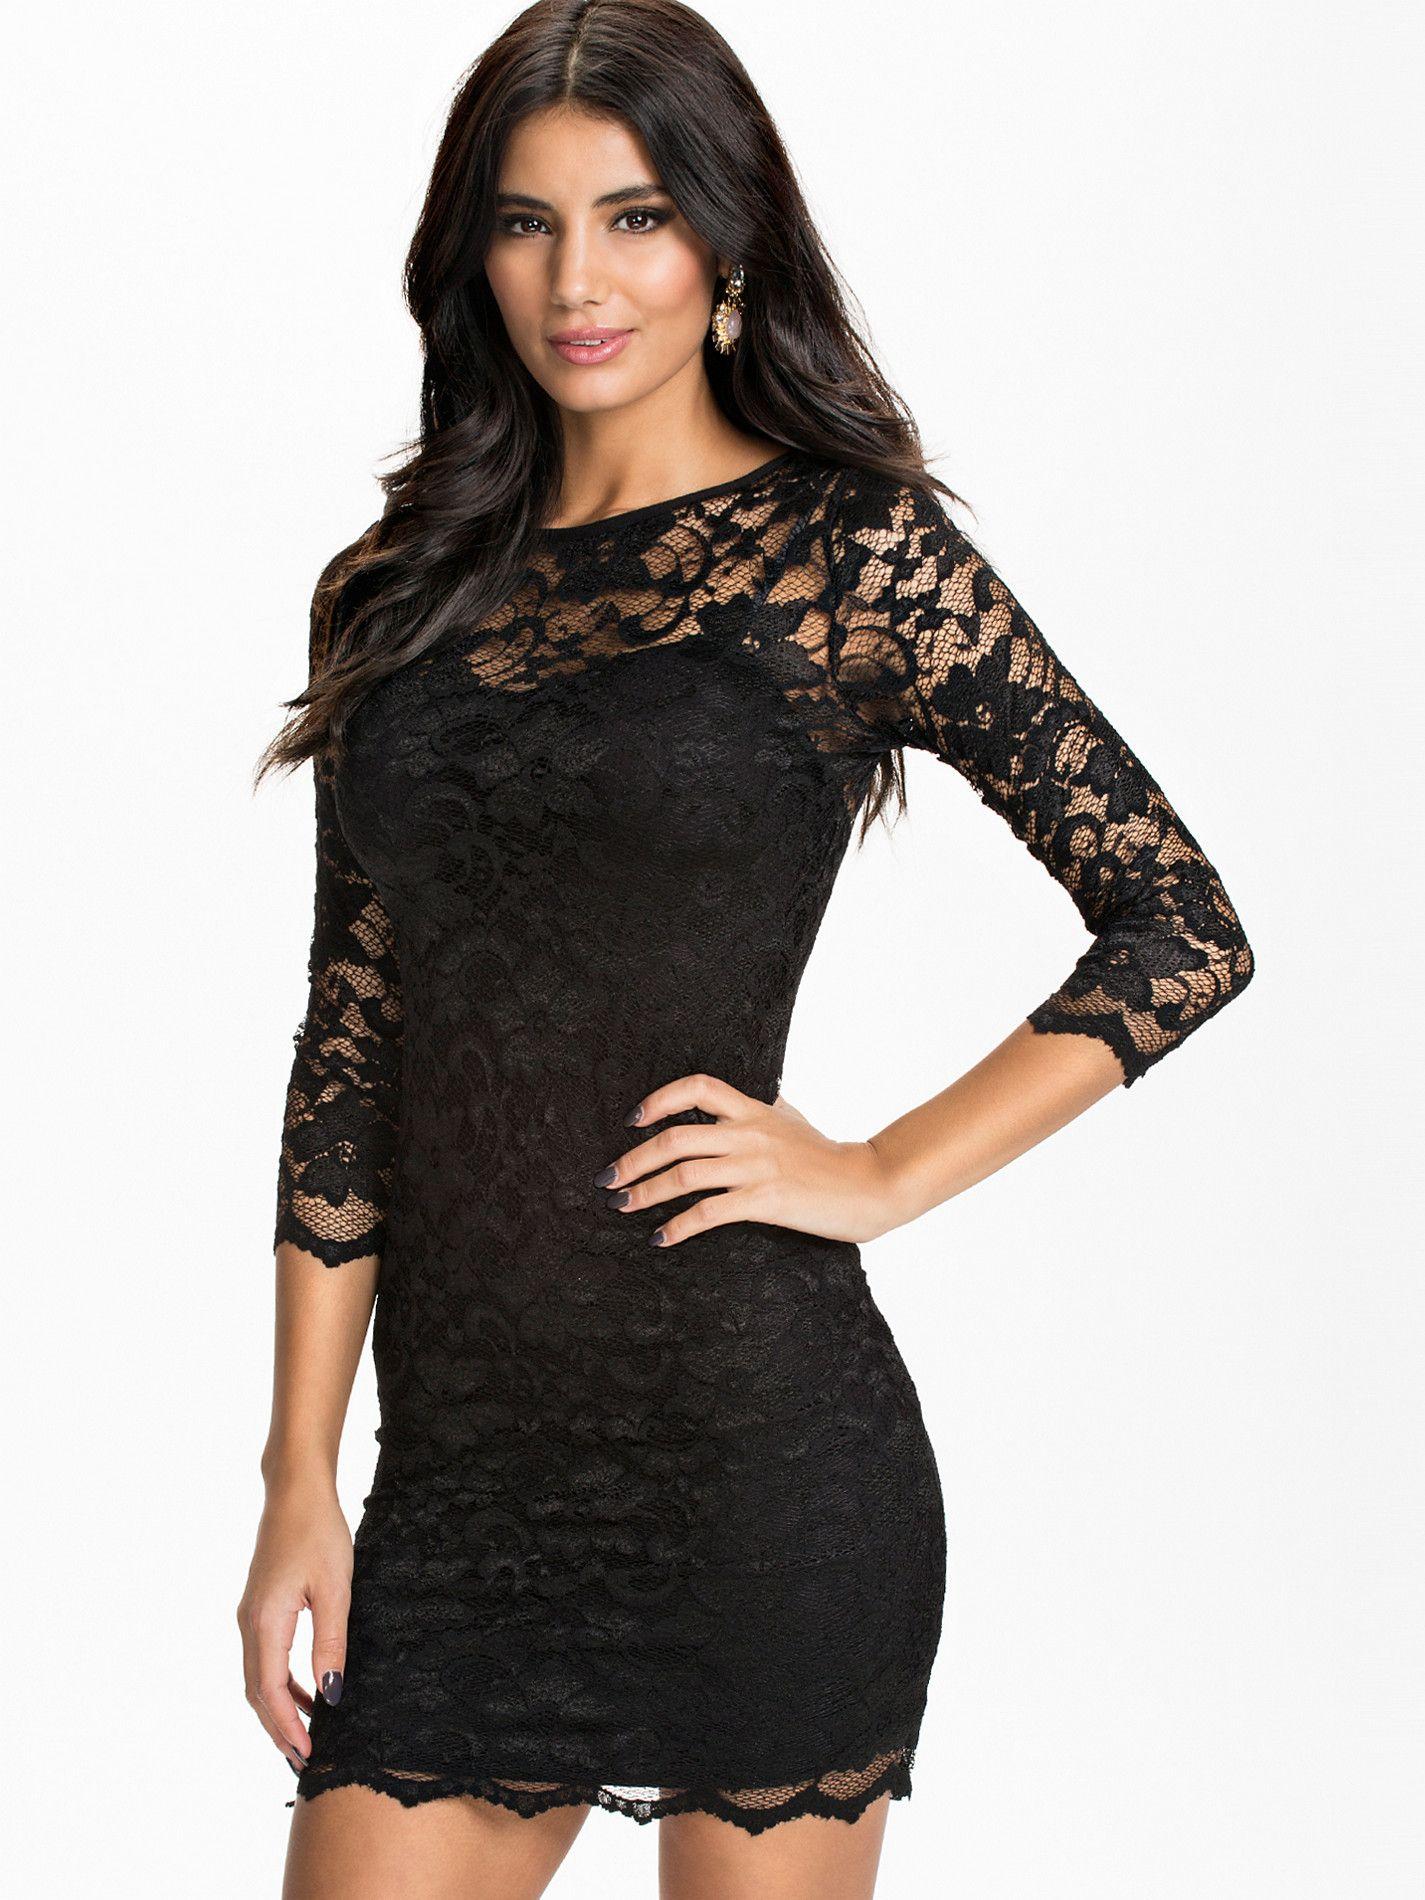 794ae1a6d35 robe noire dentelle pas cher. Plus de ROBES biens notées par les internautes  et pas cher ICI